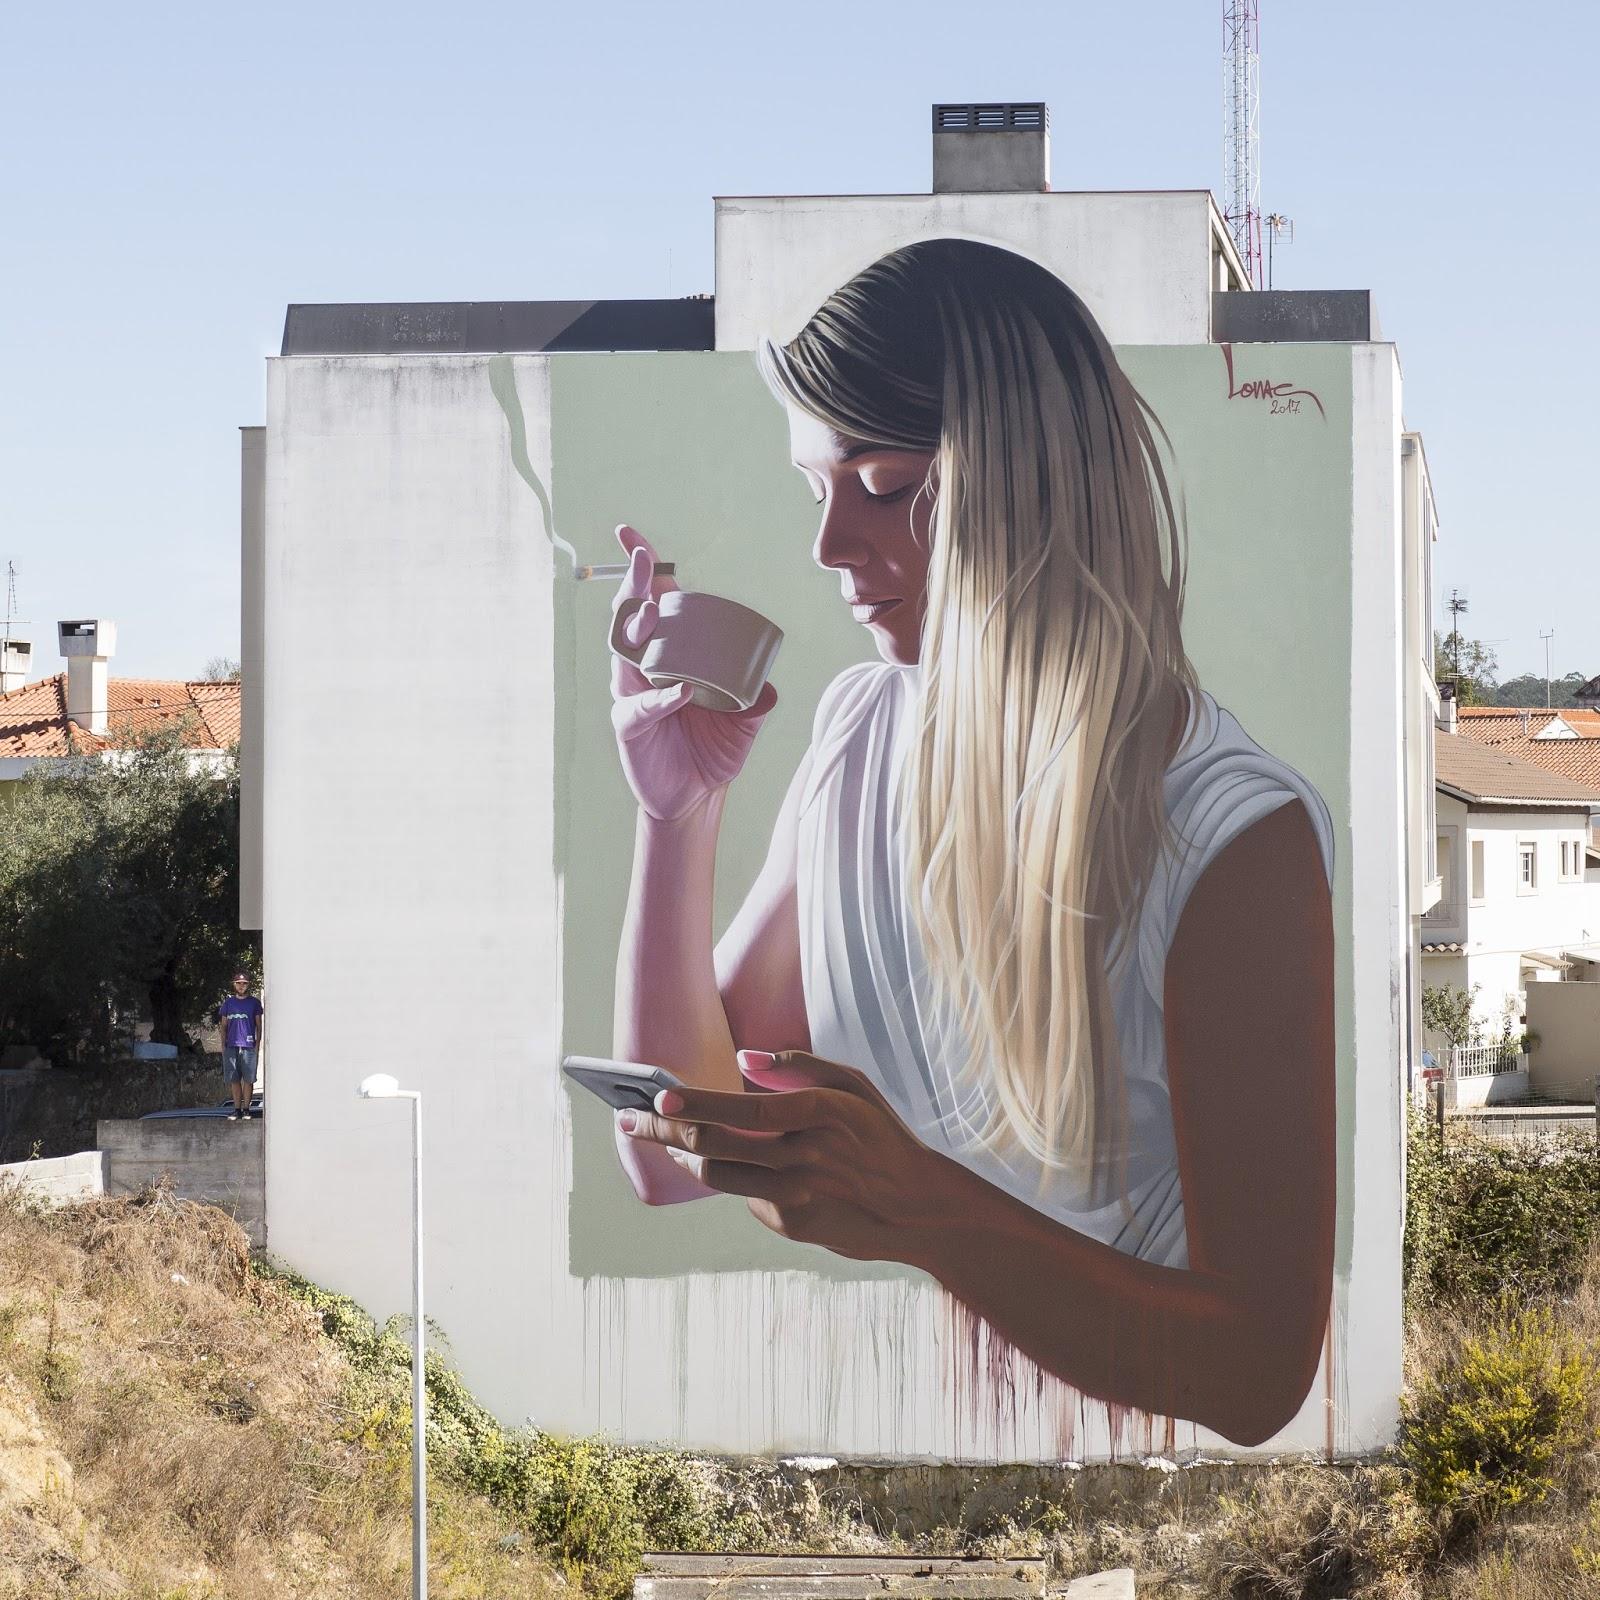 mujer en lateral de un edificio